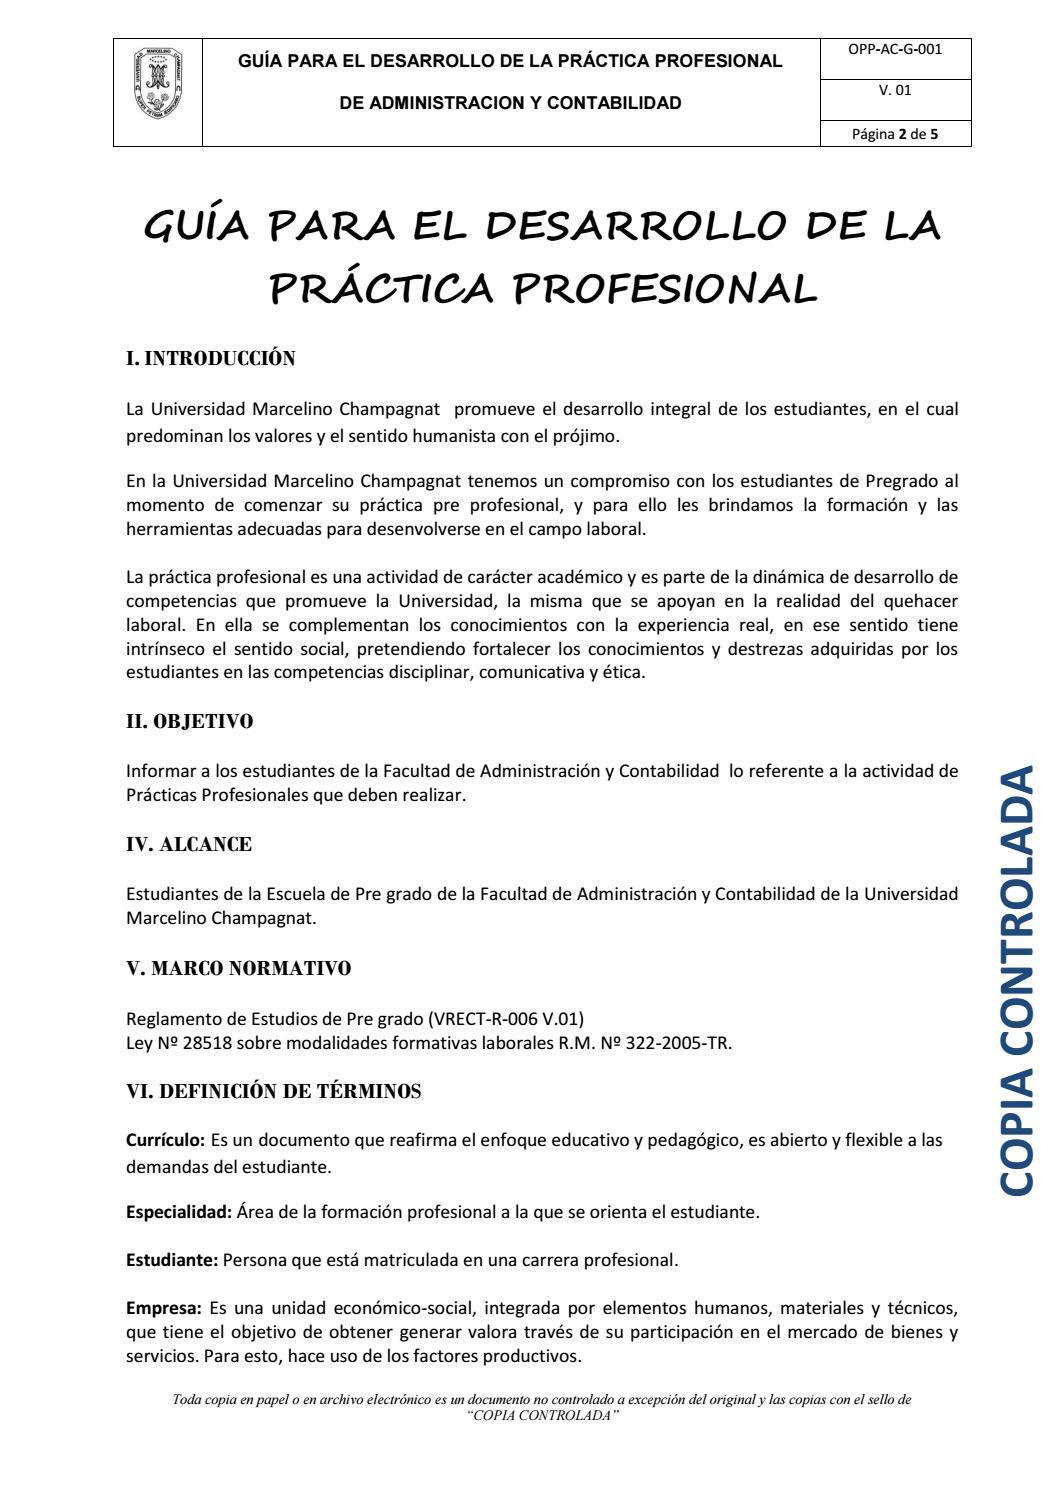 GUIA DE PRACTICA ADMINISTRACIÓN Y CONTABILIDAD by UNIVERSIDAD ...